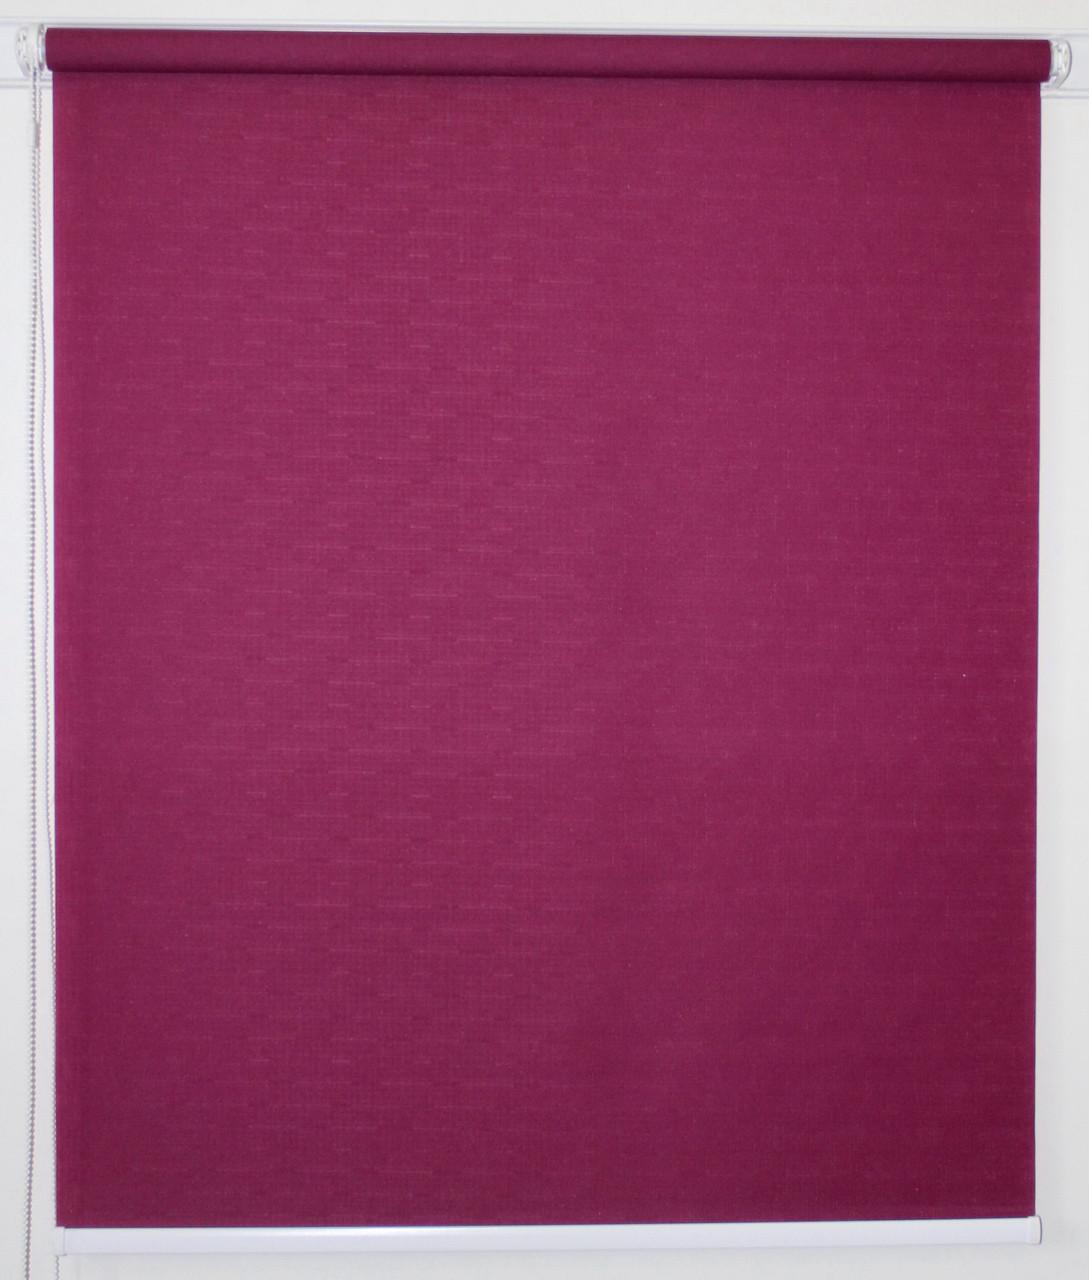 Рулонная штора 925*1500 Ткань Лён 7446 Пурпурно-красный